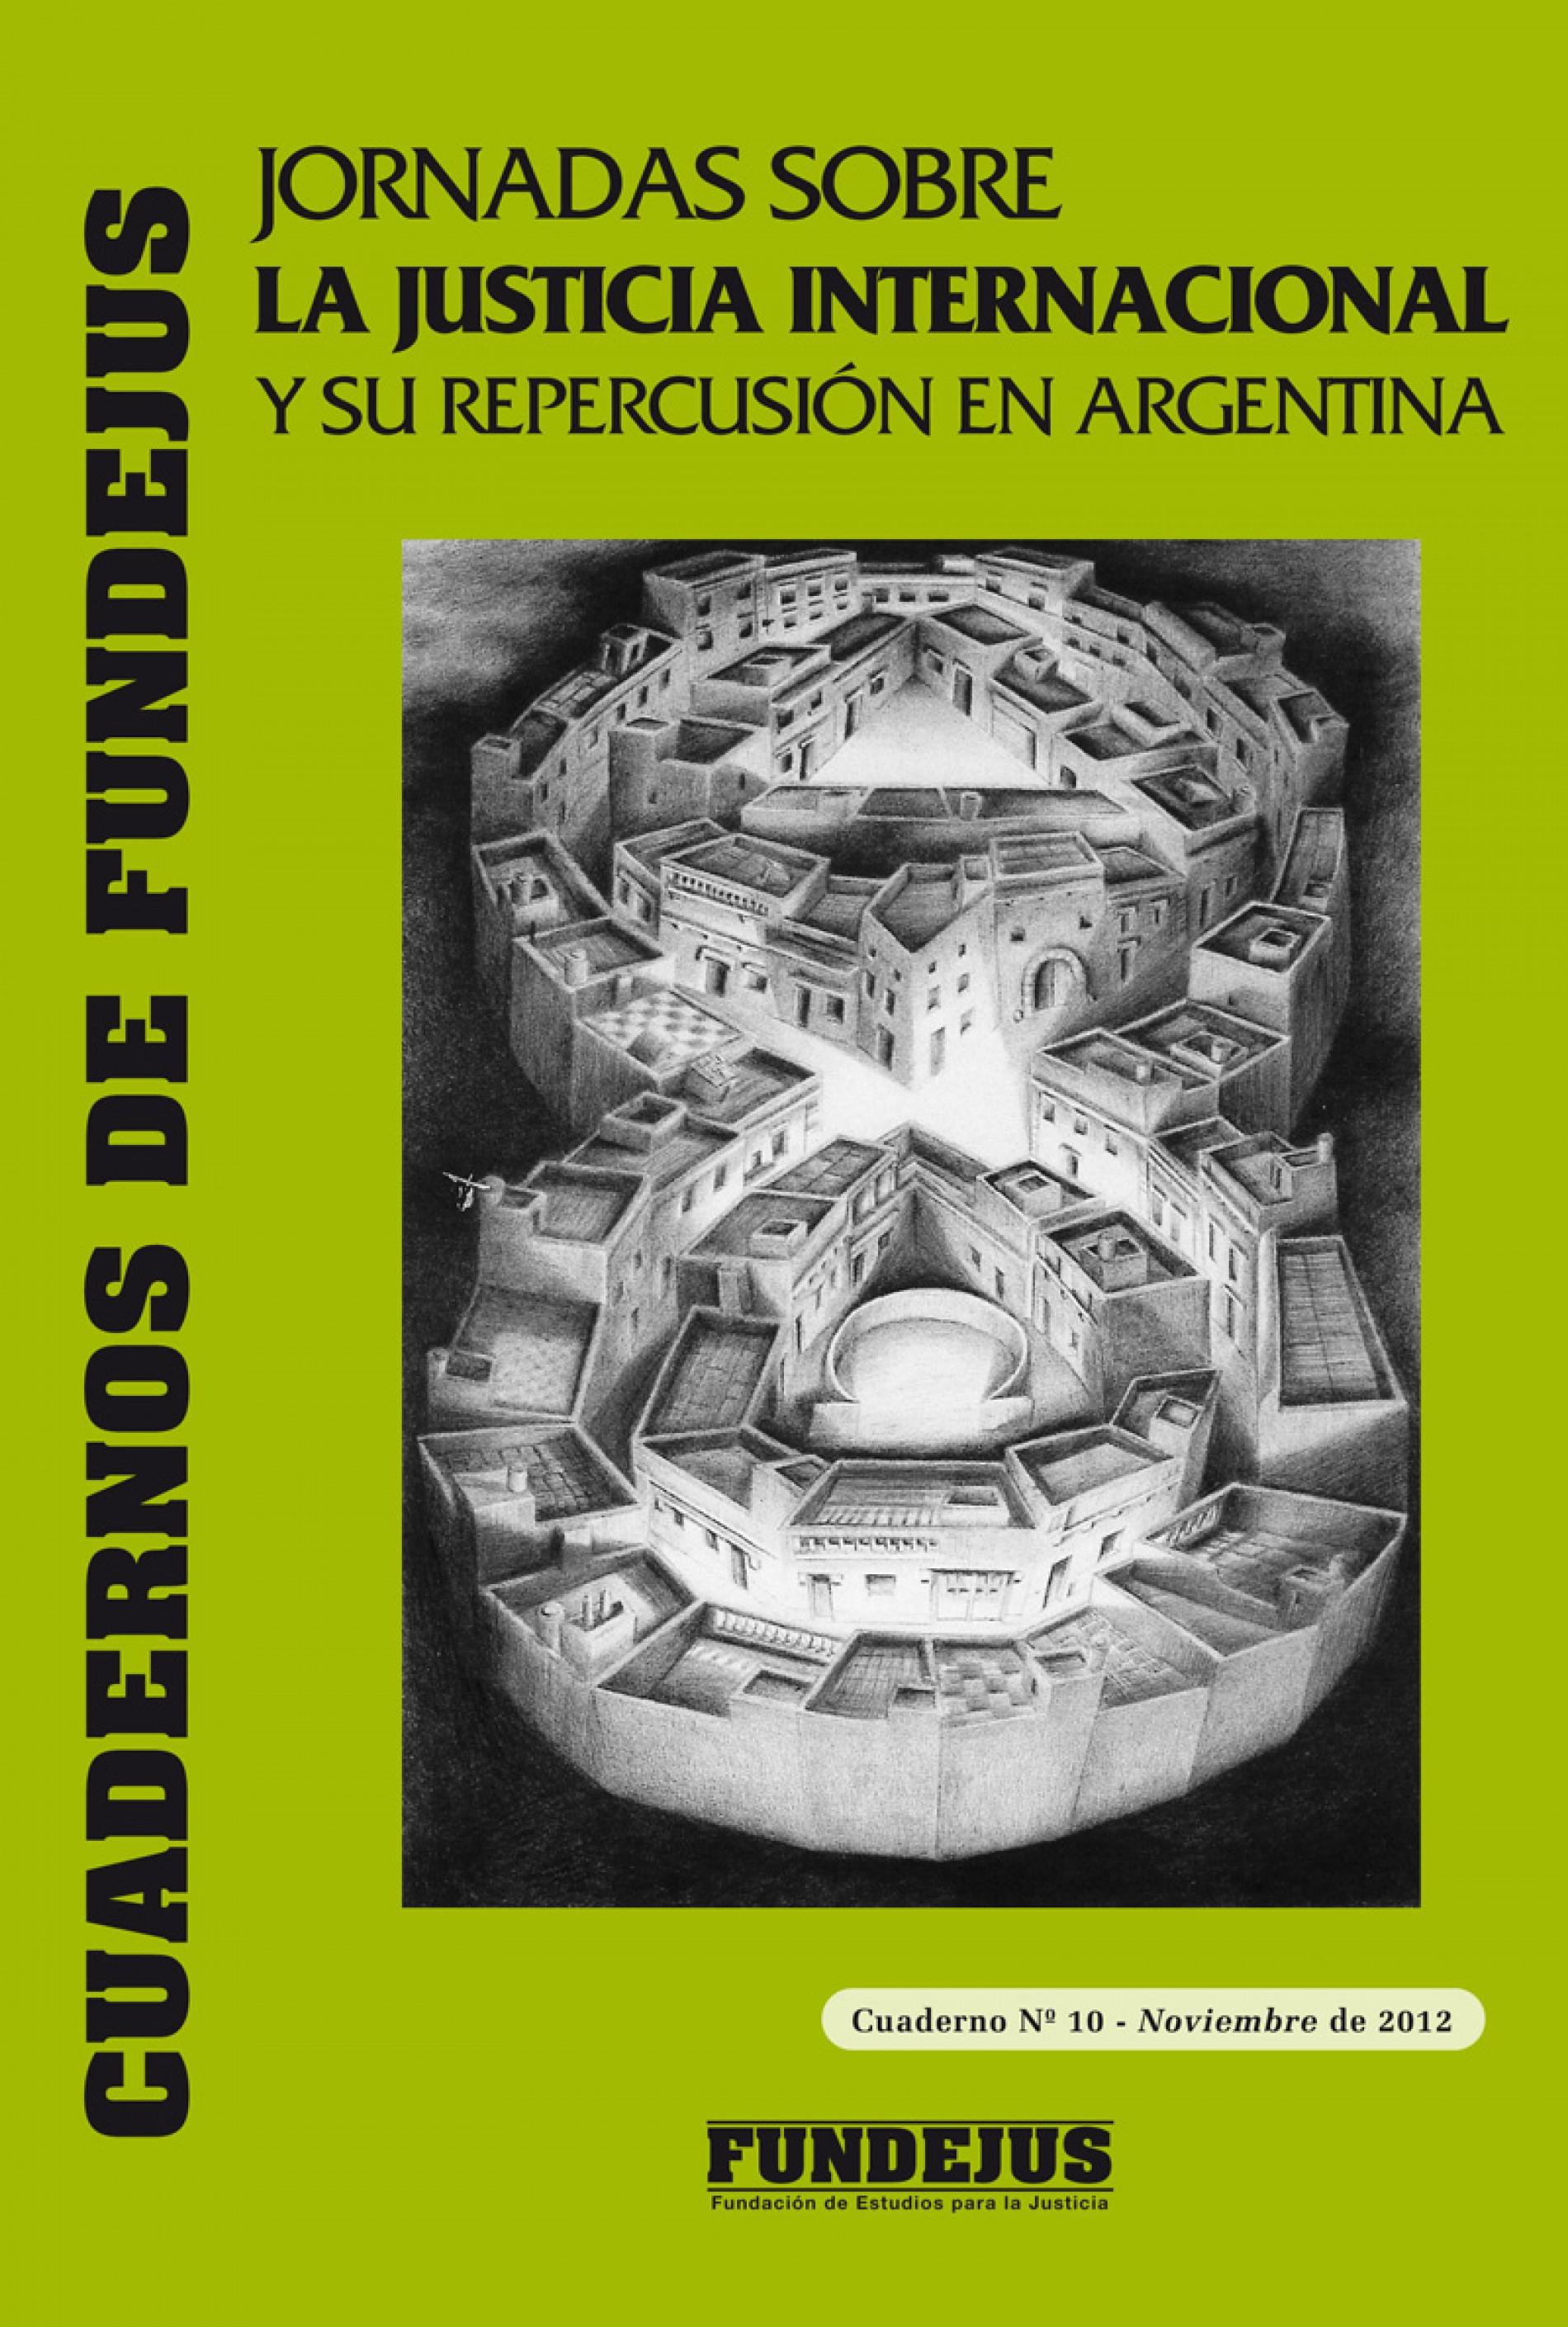 """CUADERNO 10: """"Jornada sobre La Justicia Internacional y su repercusión en Argentina"""""""